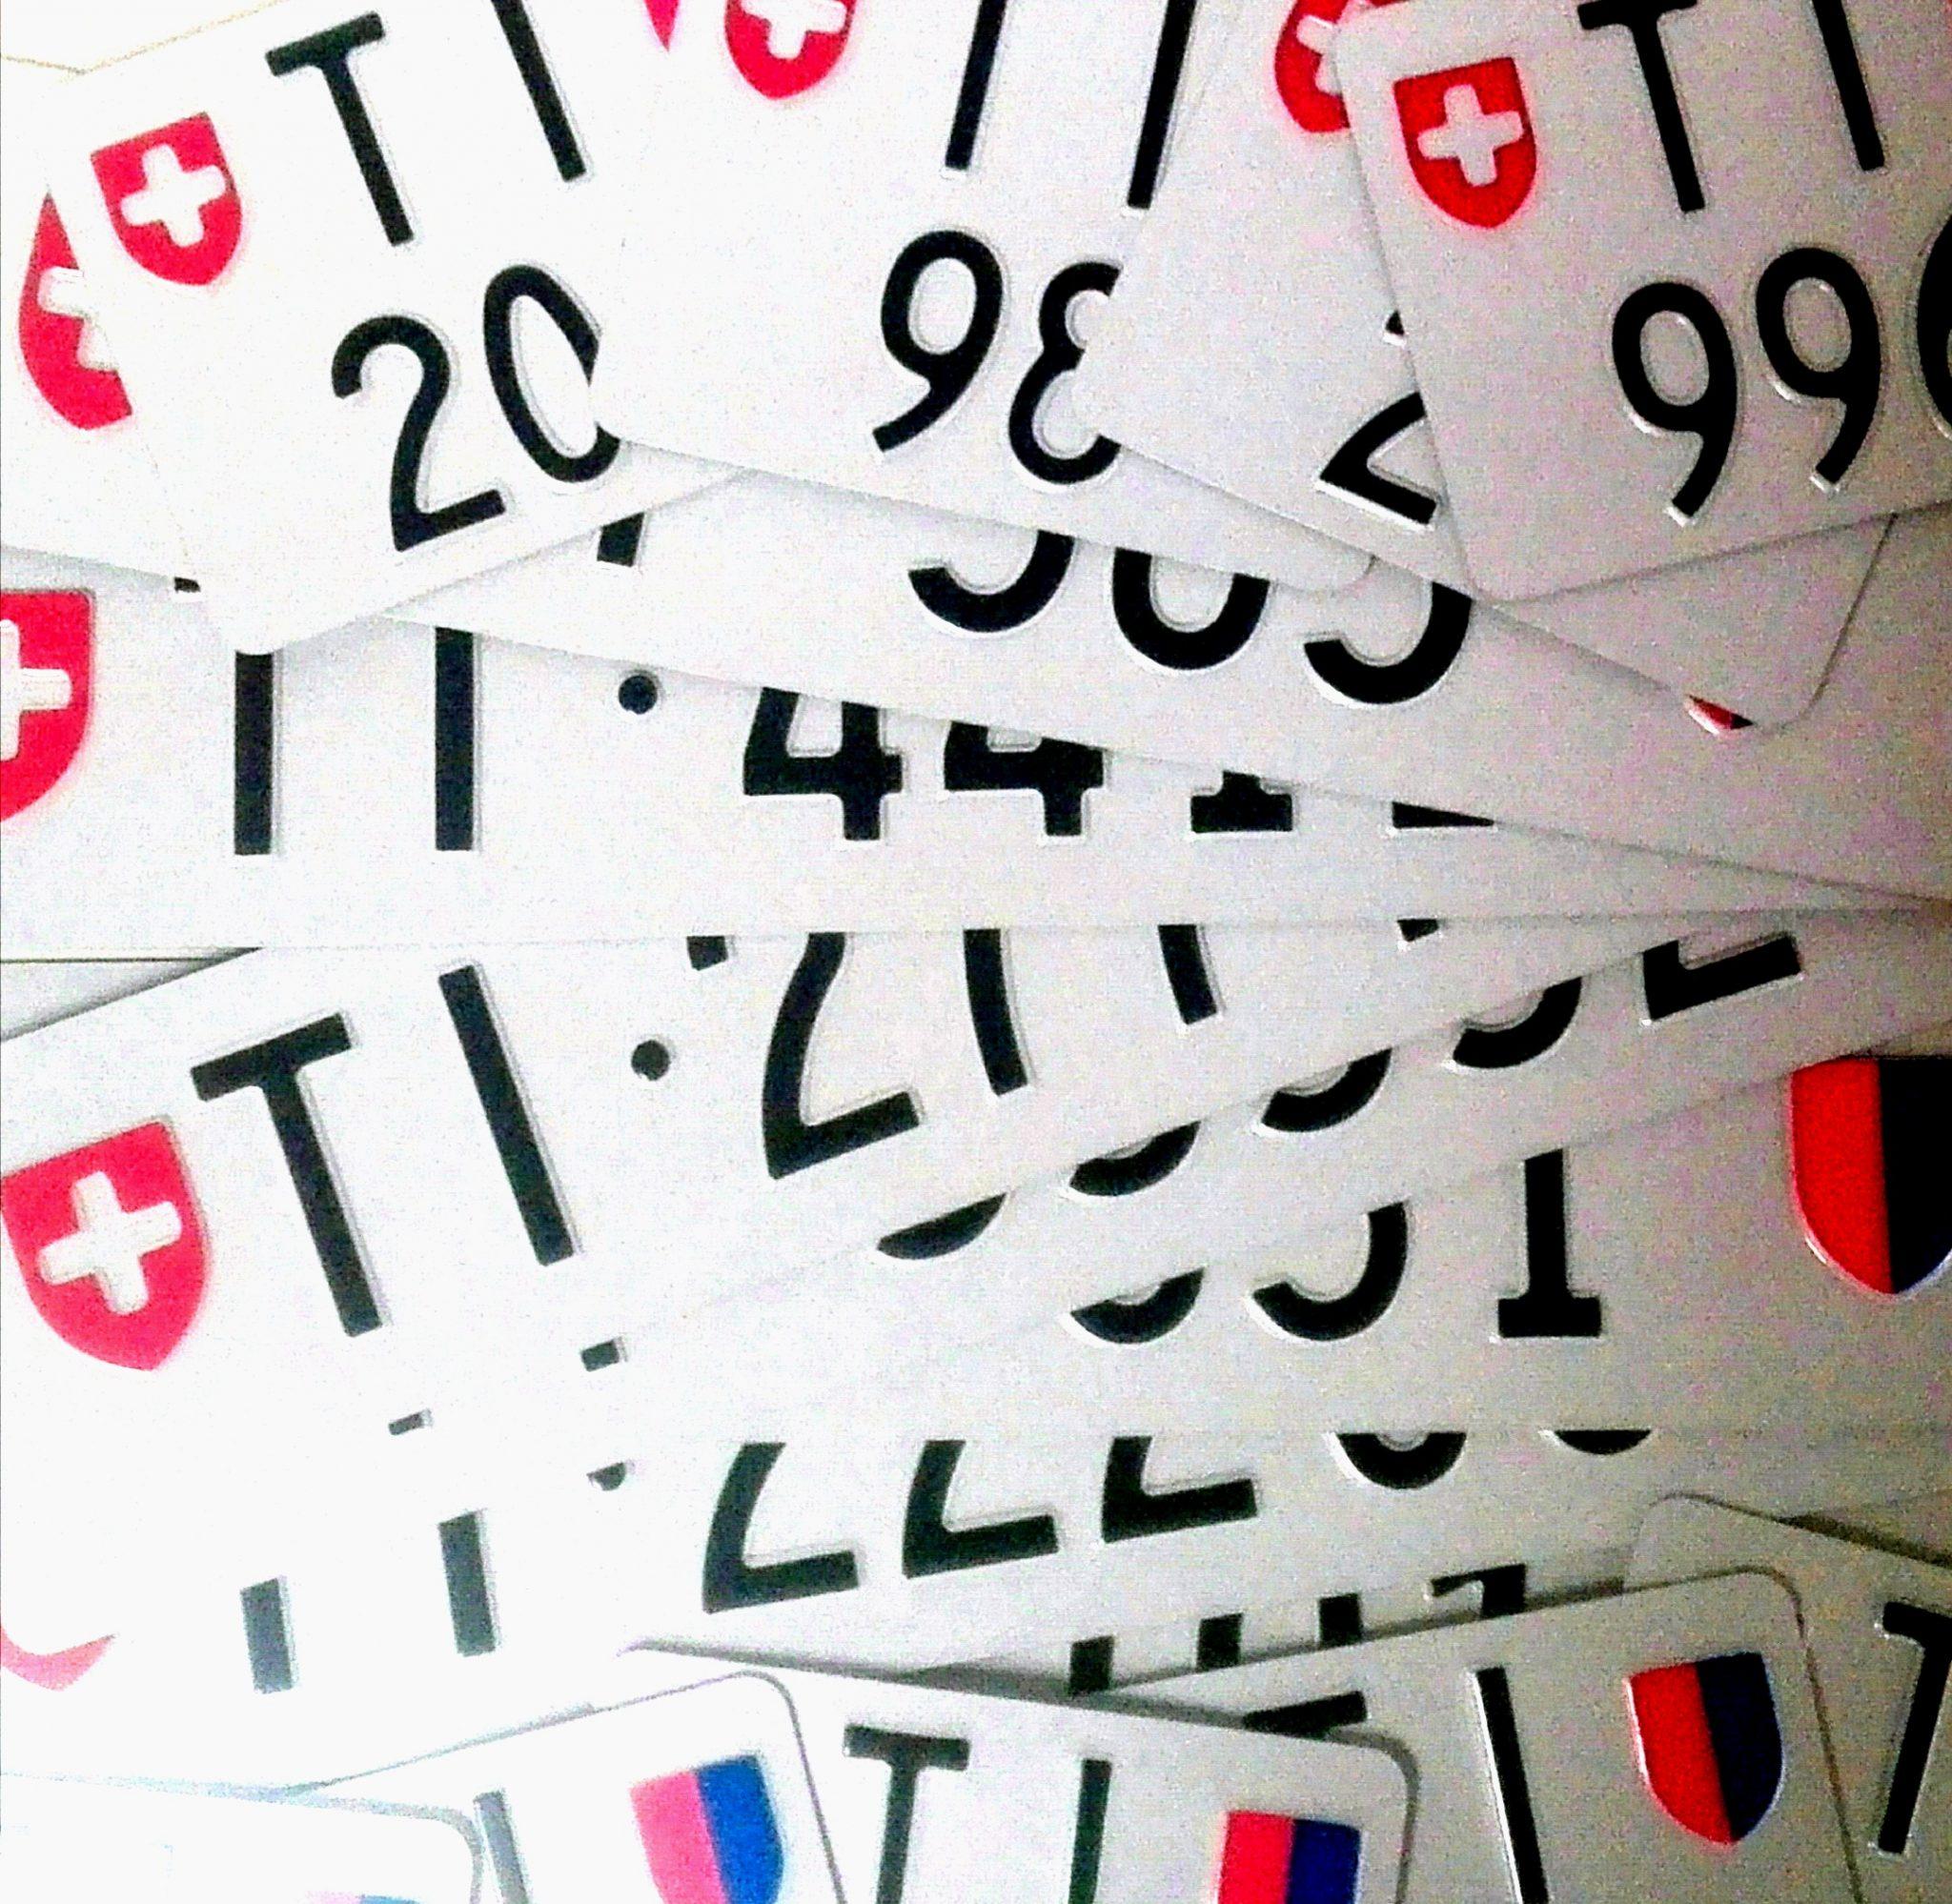 Targhe – La TI 888.888 è stata la più pagata